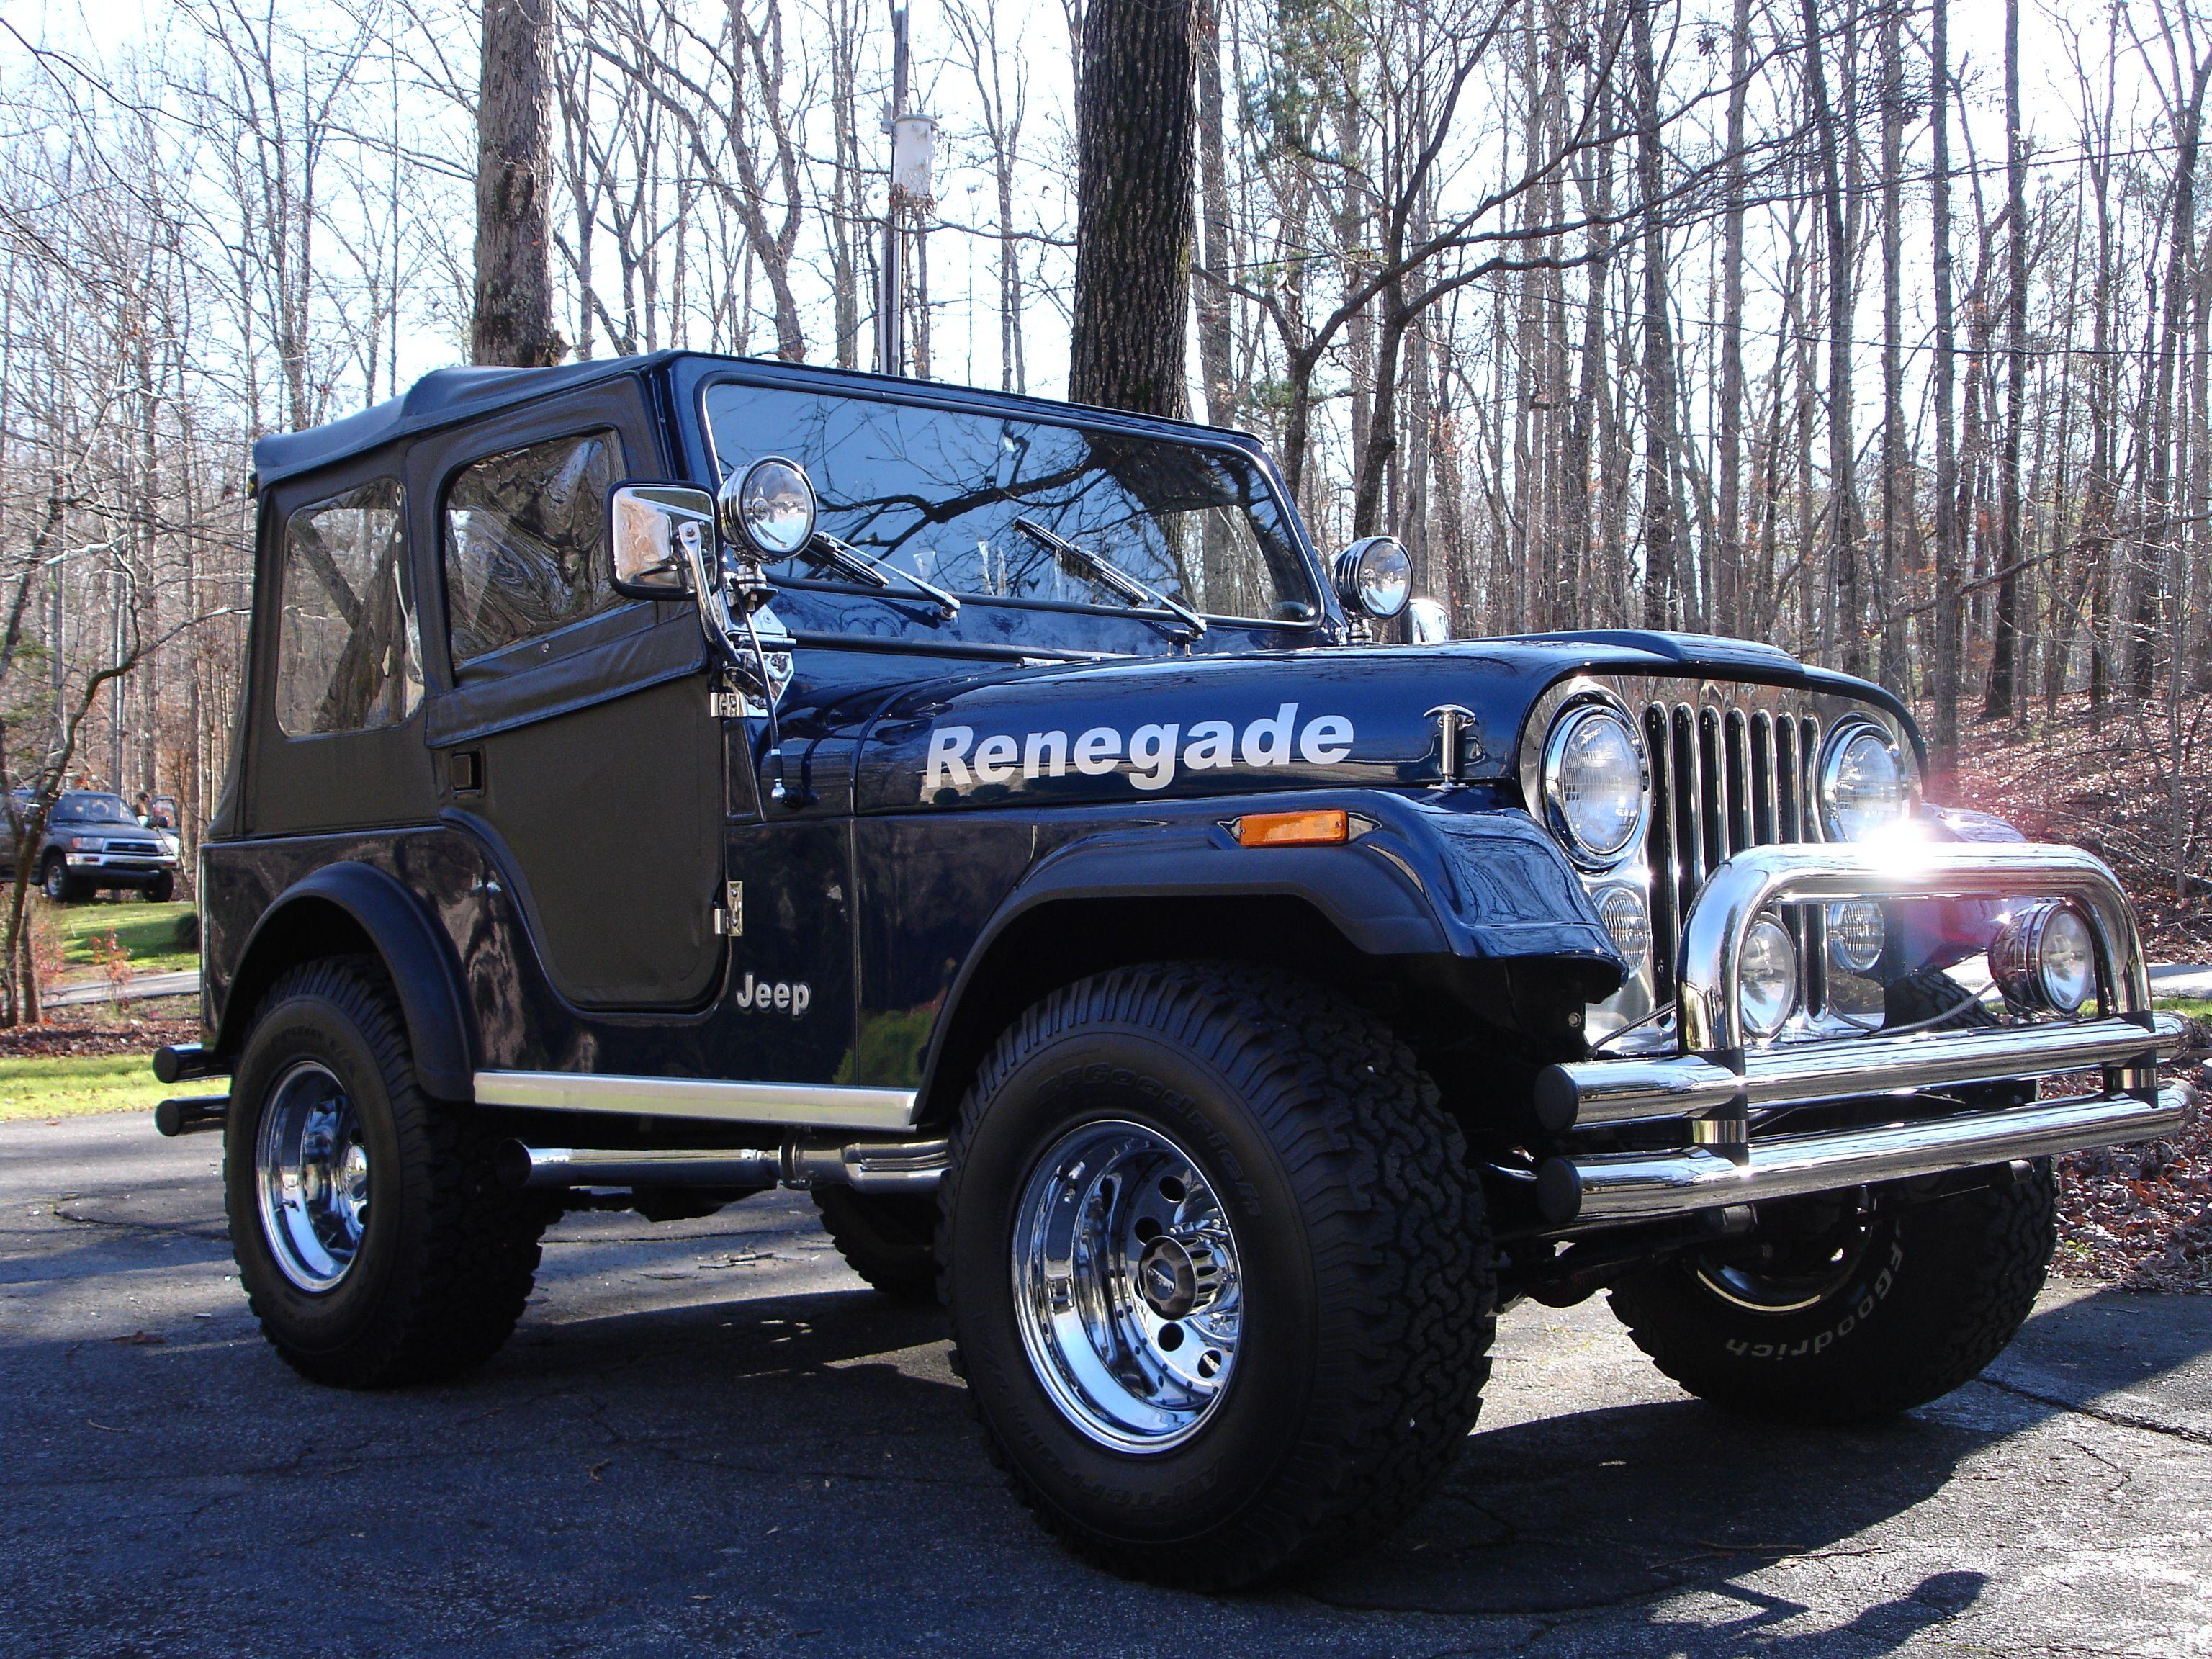 1981 jeep cj5 304 4sp jeep cj7 jeep renegade jeeps offroad 4x4 [ 3072 x 2304 Pixel ]